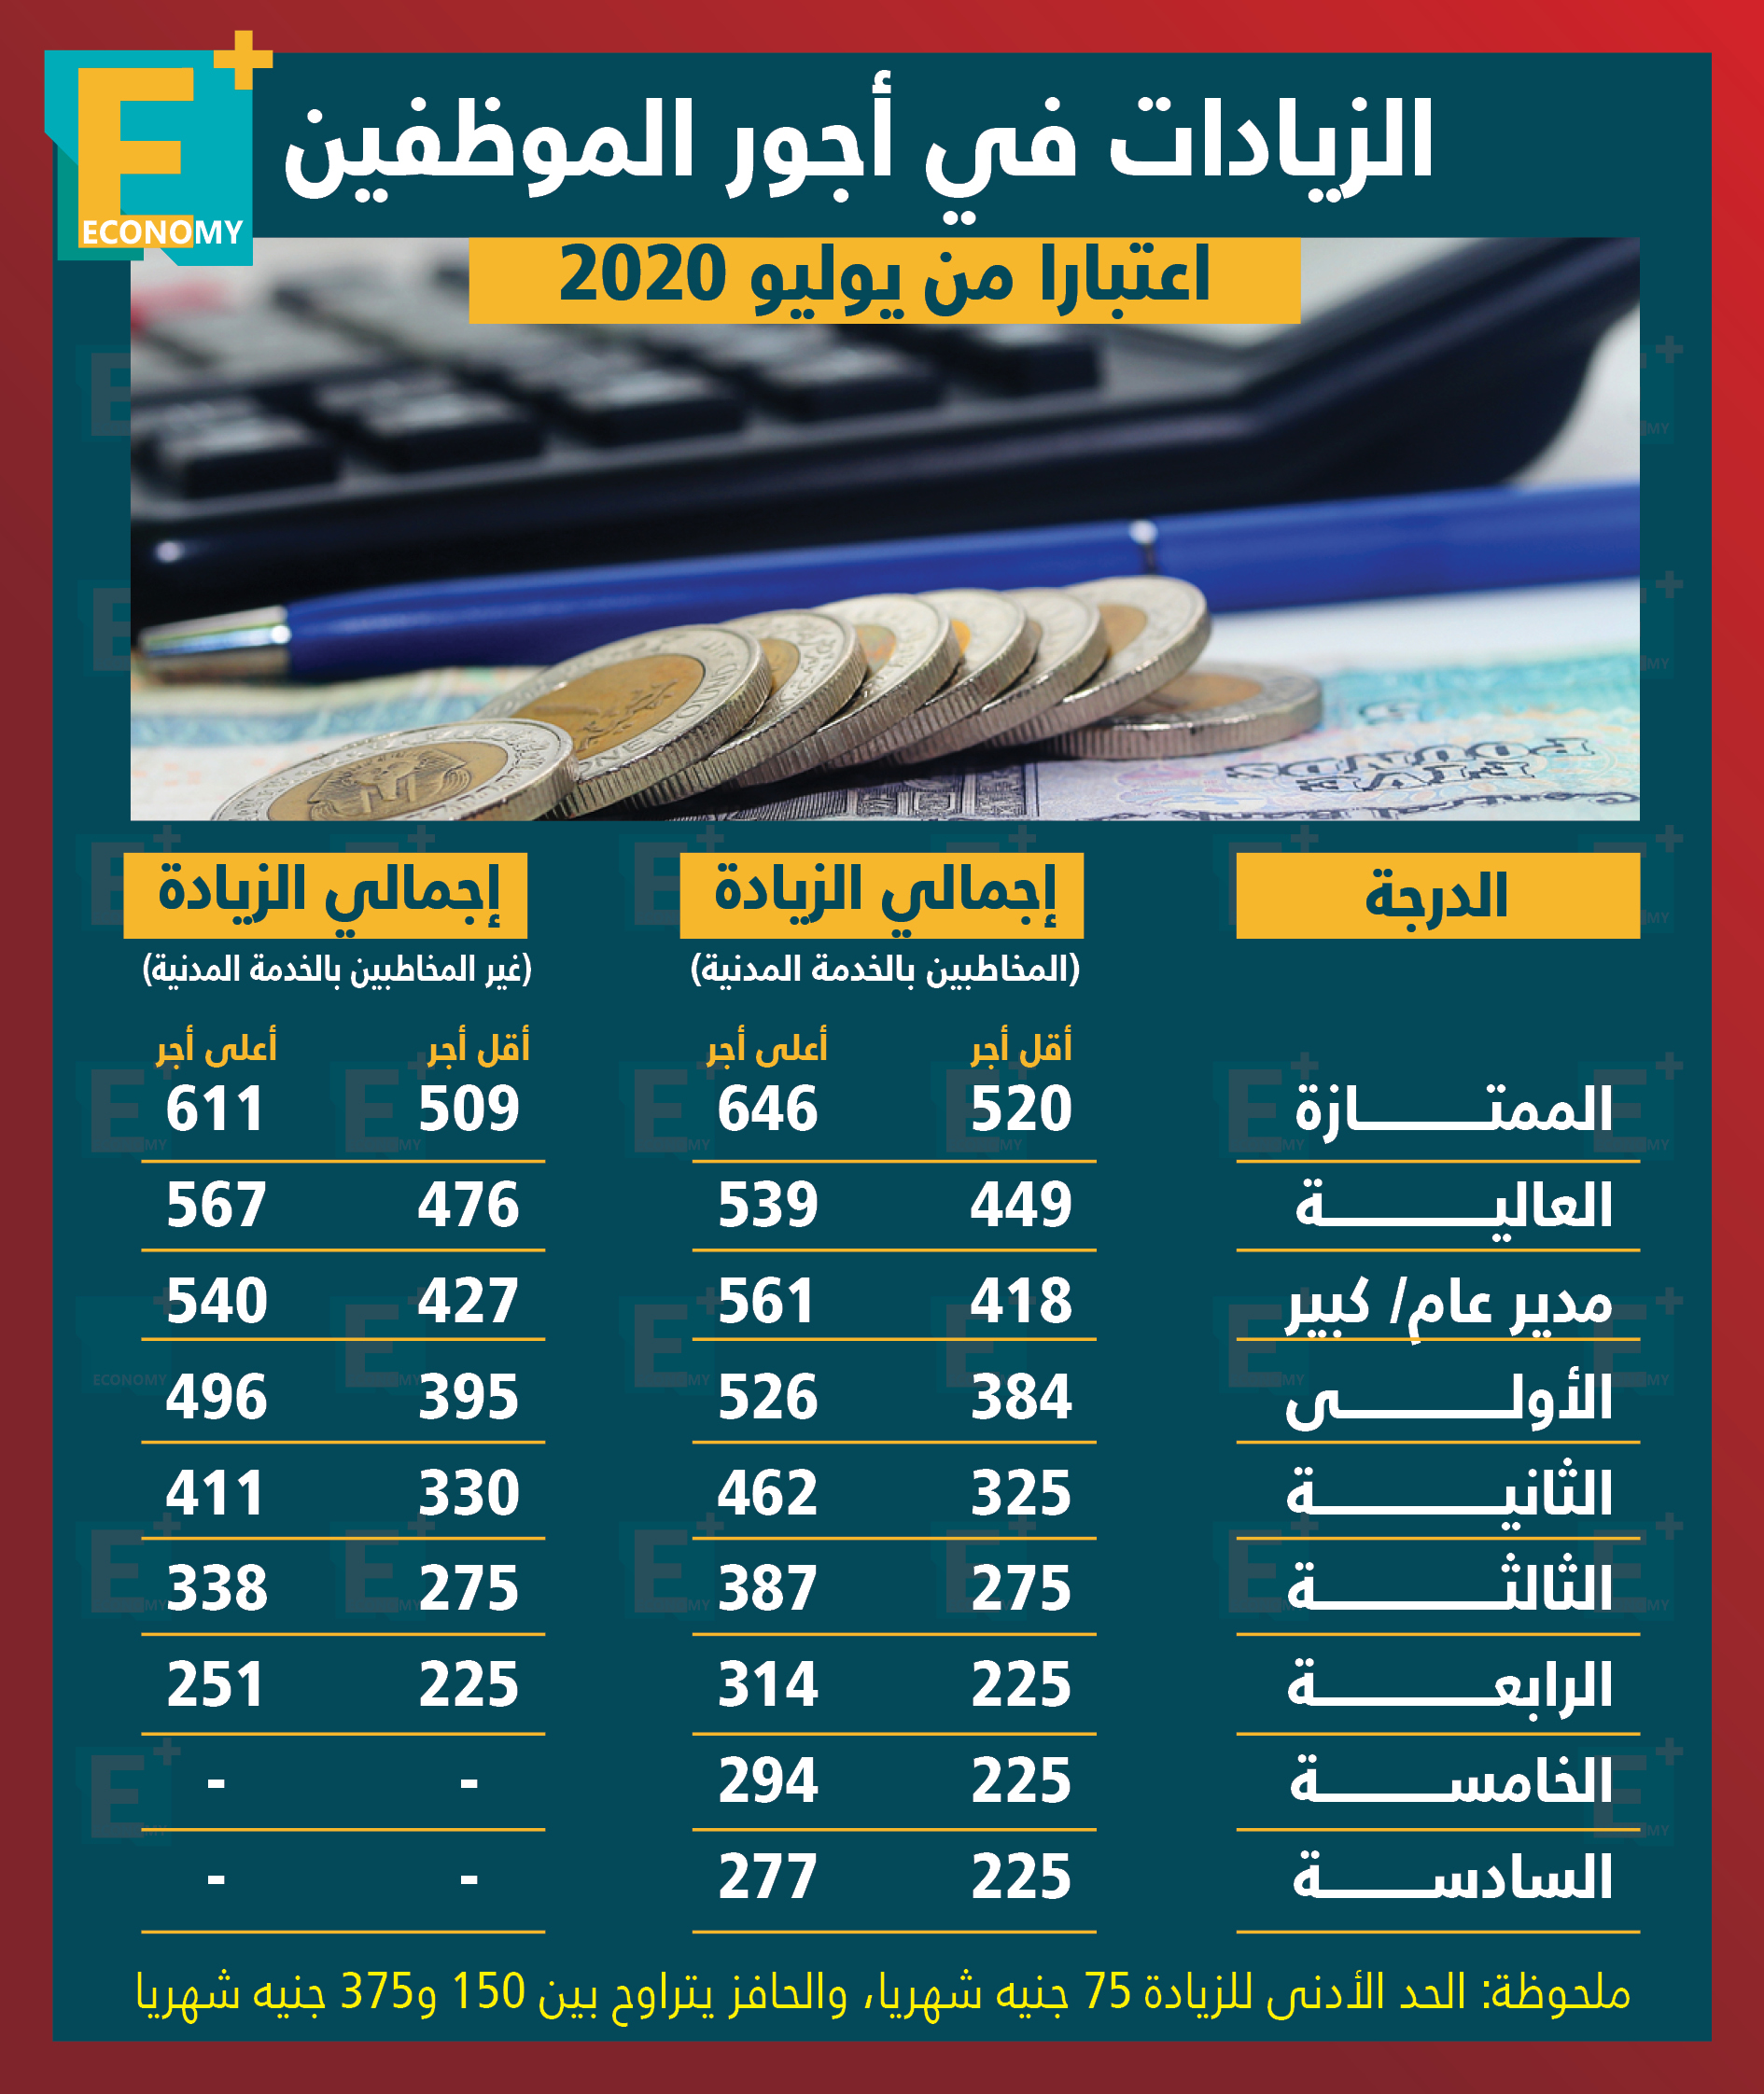 الزيادات في أجور الموظفين اعتبارًا من يوليو 2020